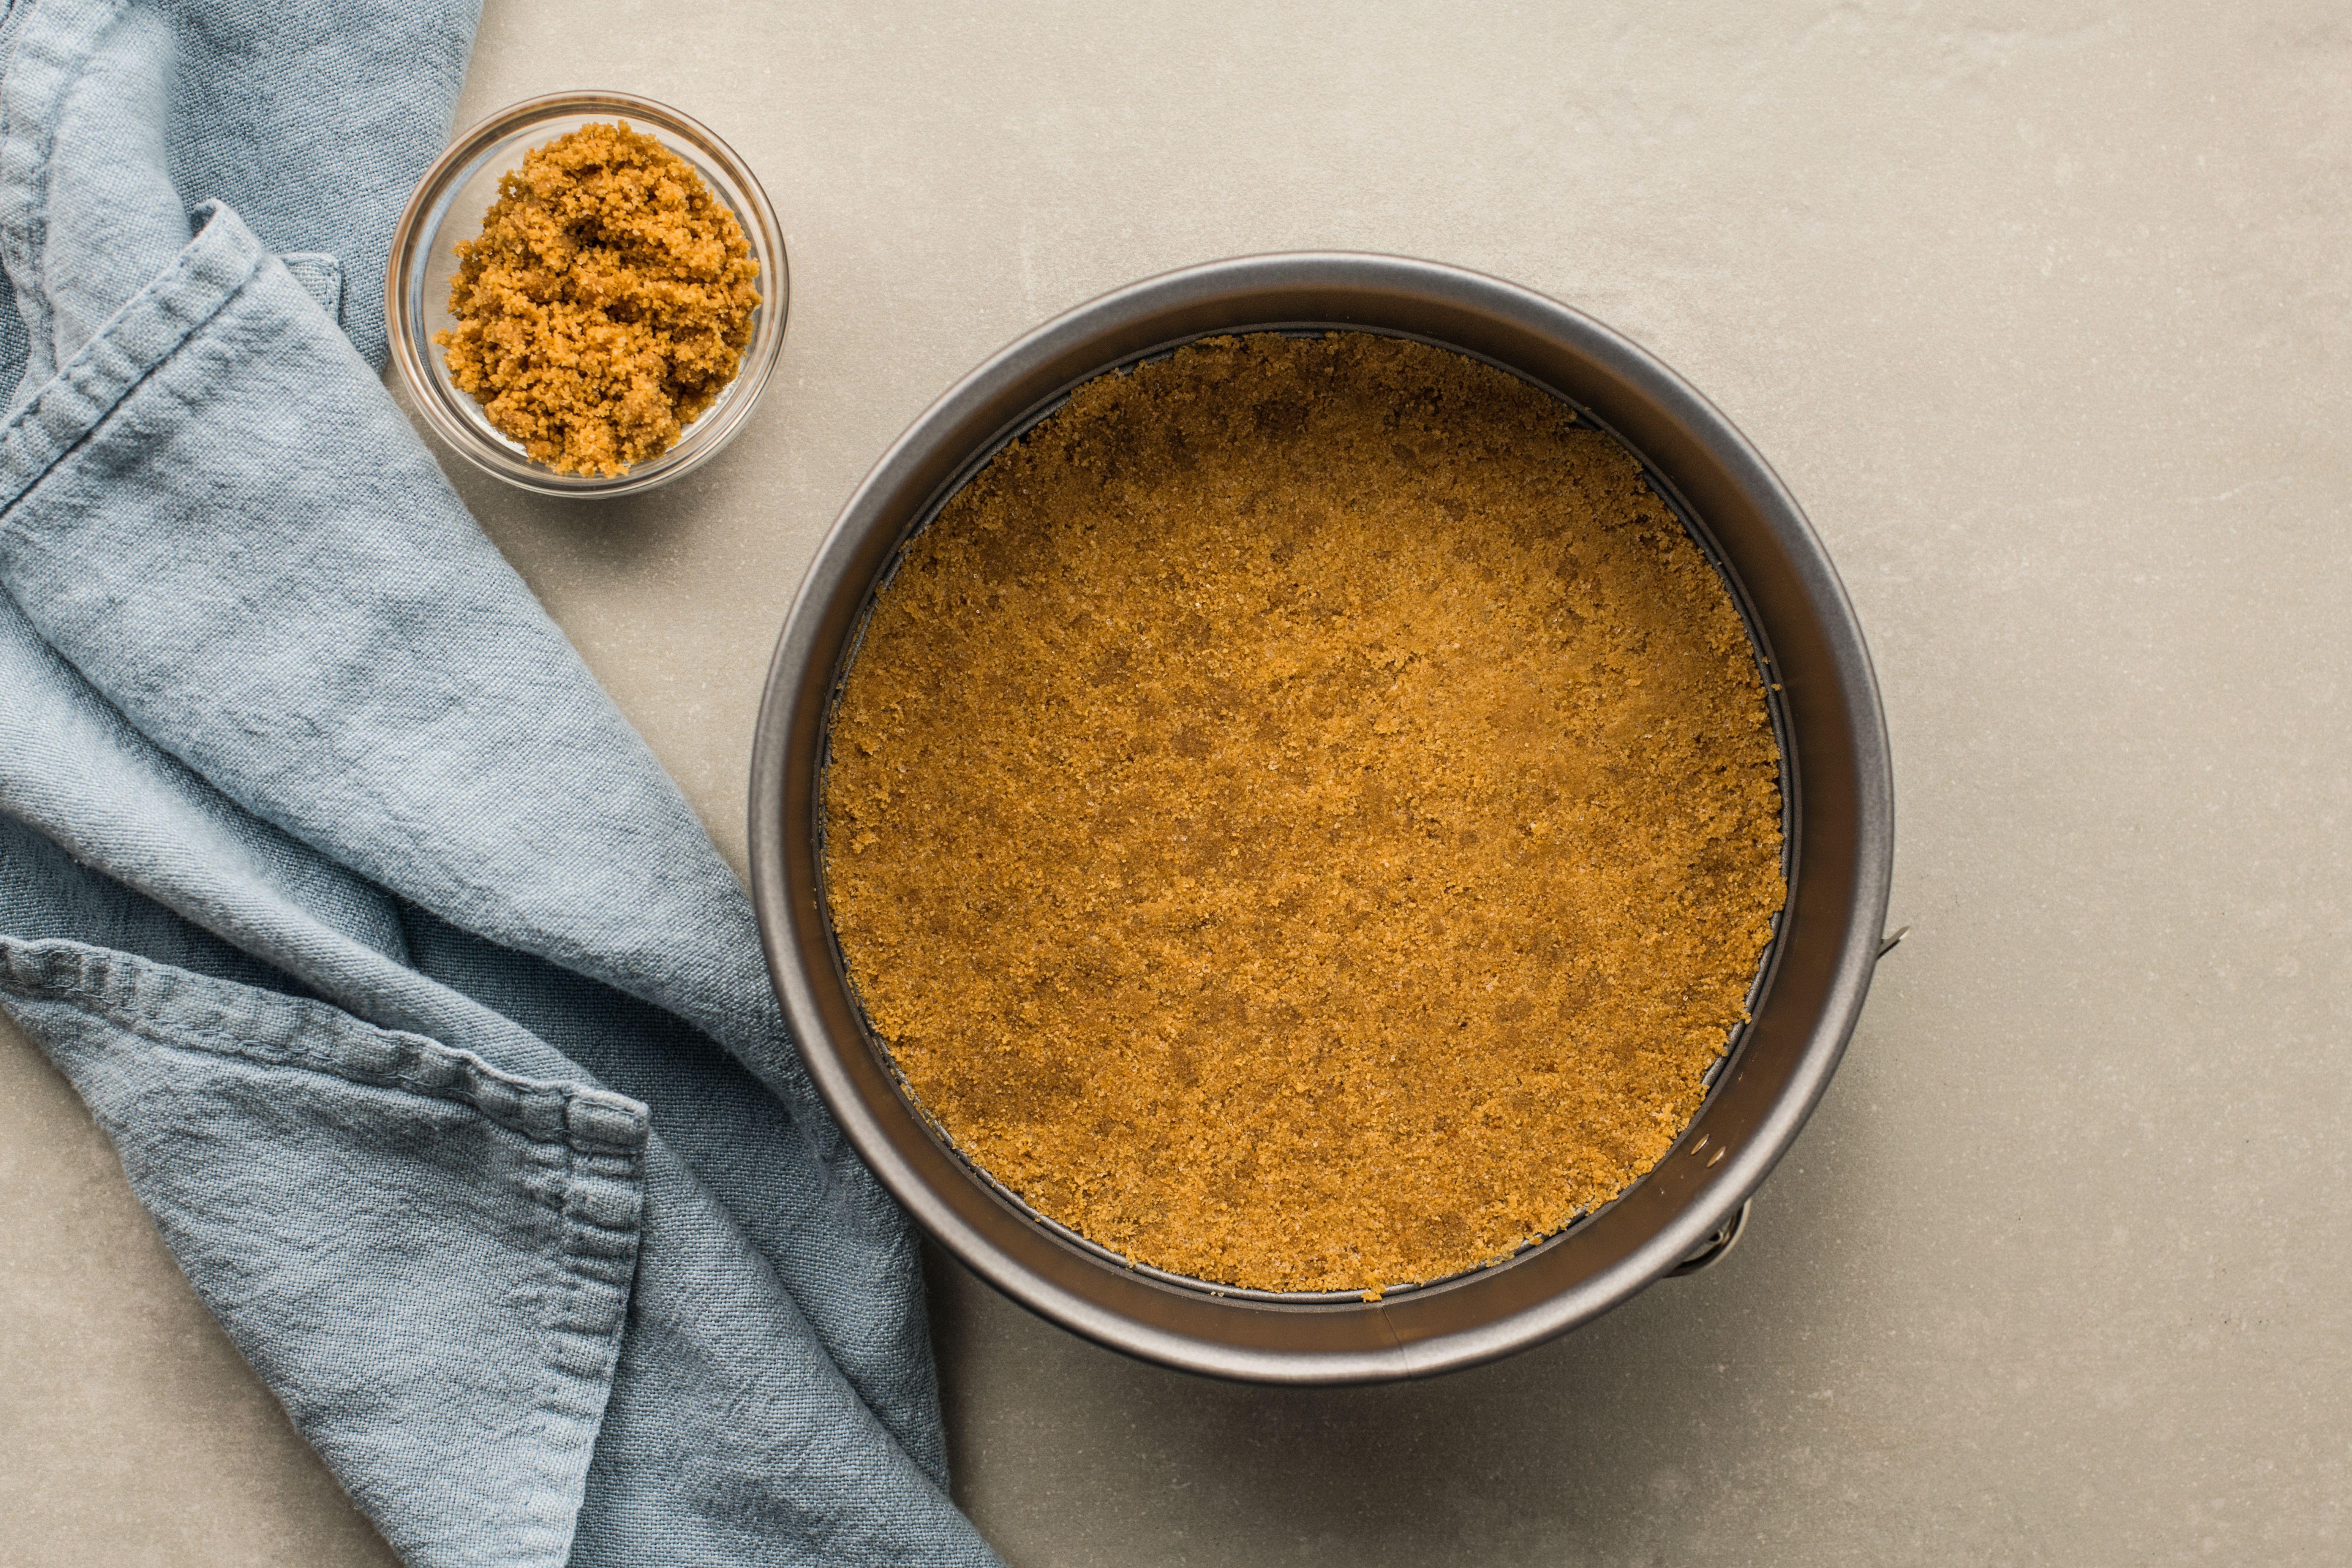 Graham crackers crumbs in bowl